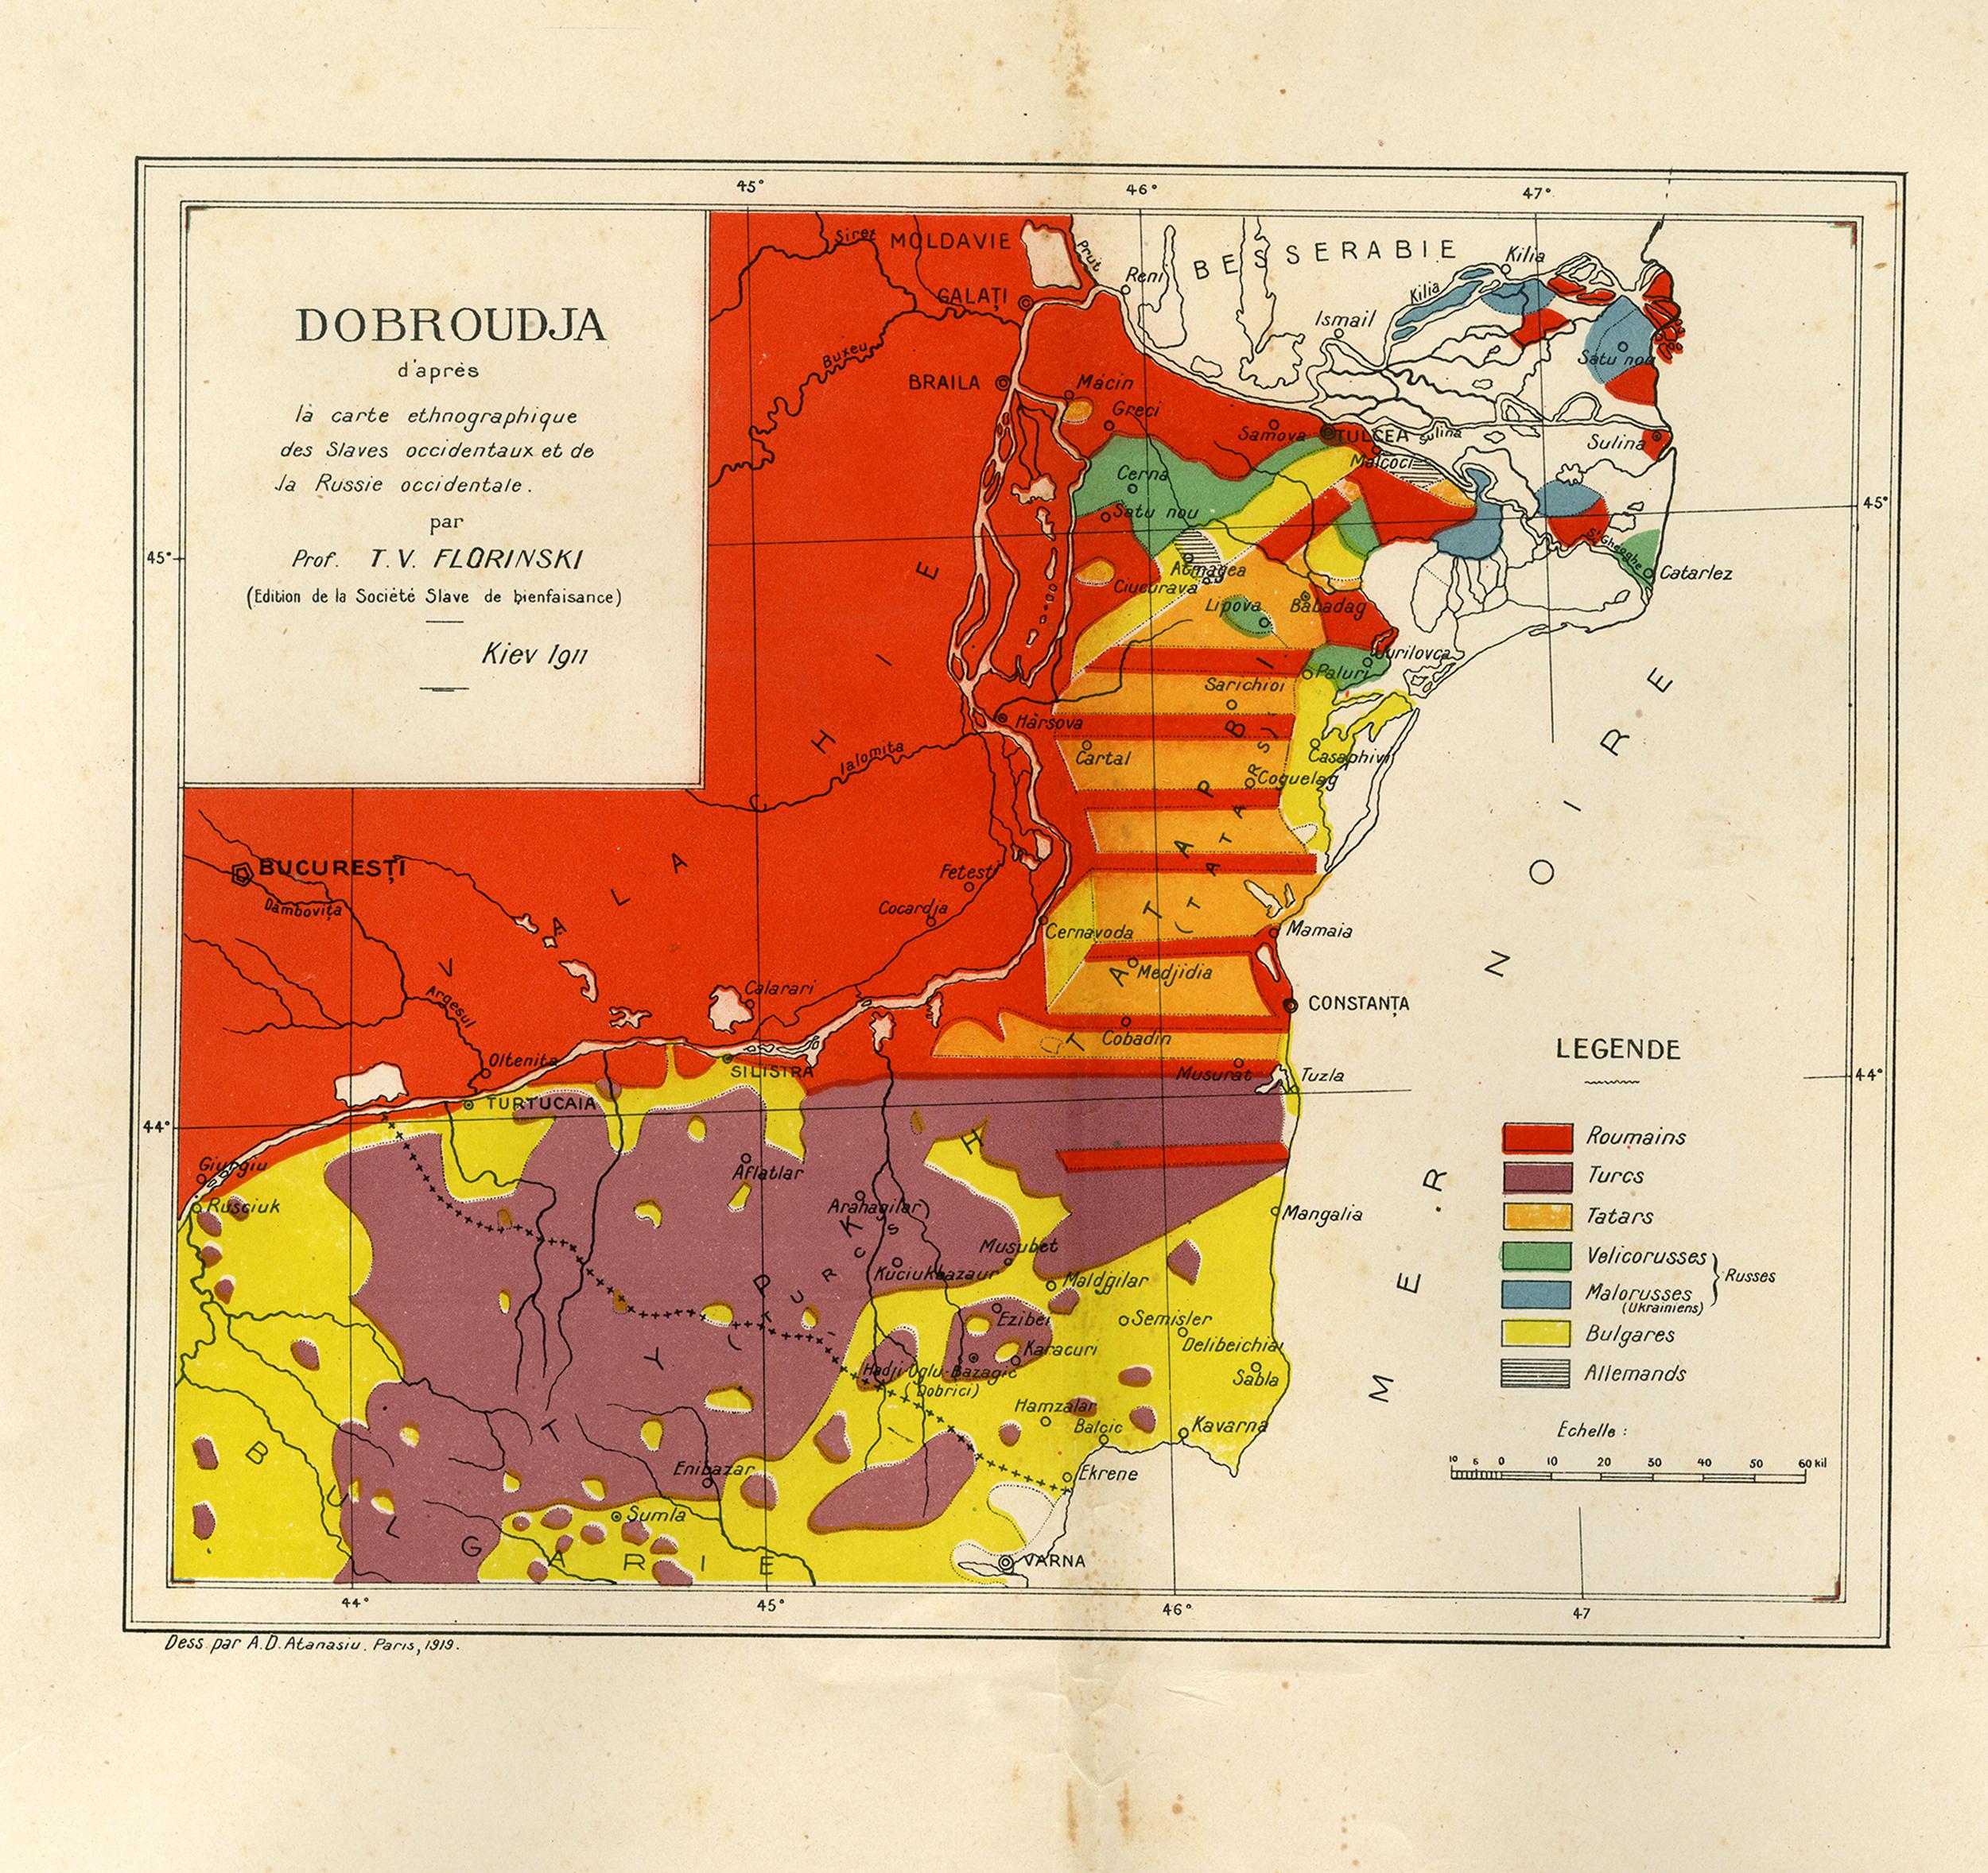 Hartă - Dobroudja d'après la carte ethnographique des Slaves occidentaux det de la Russie occidentale. par Prof. T. V. Florinski (Edition de la Societe Slave de bienfaisance) Kiev 1911